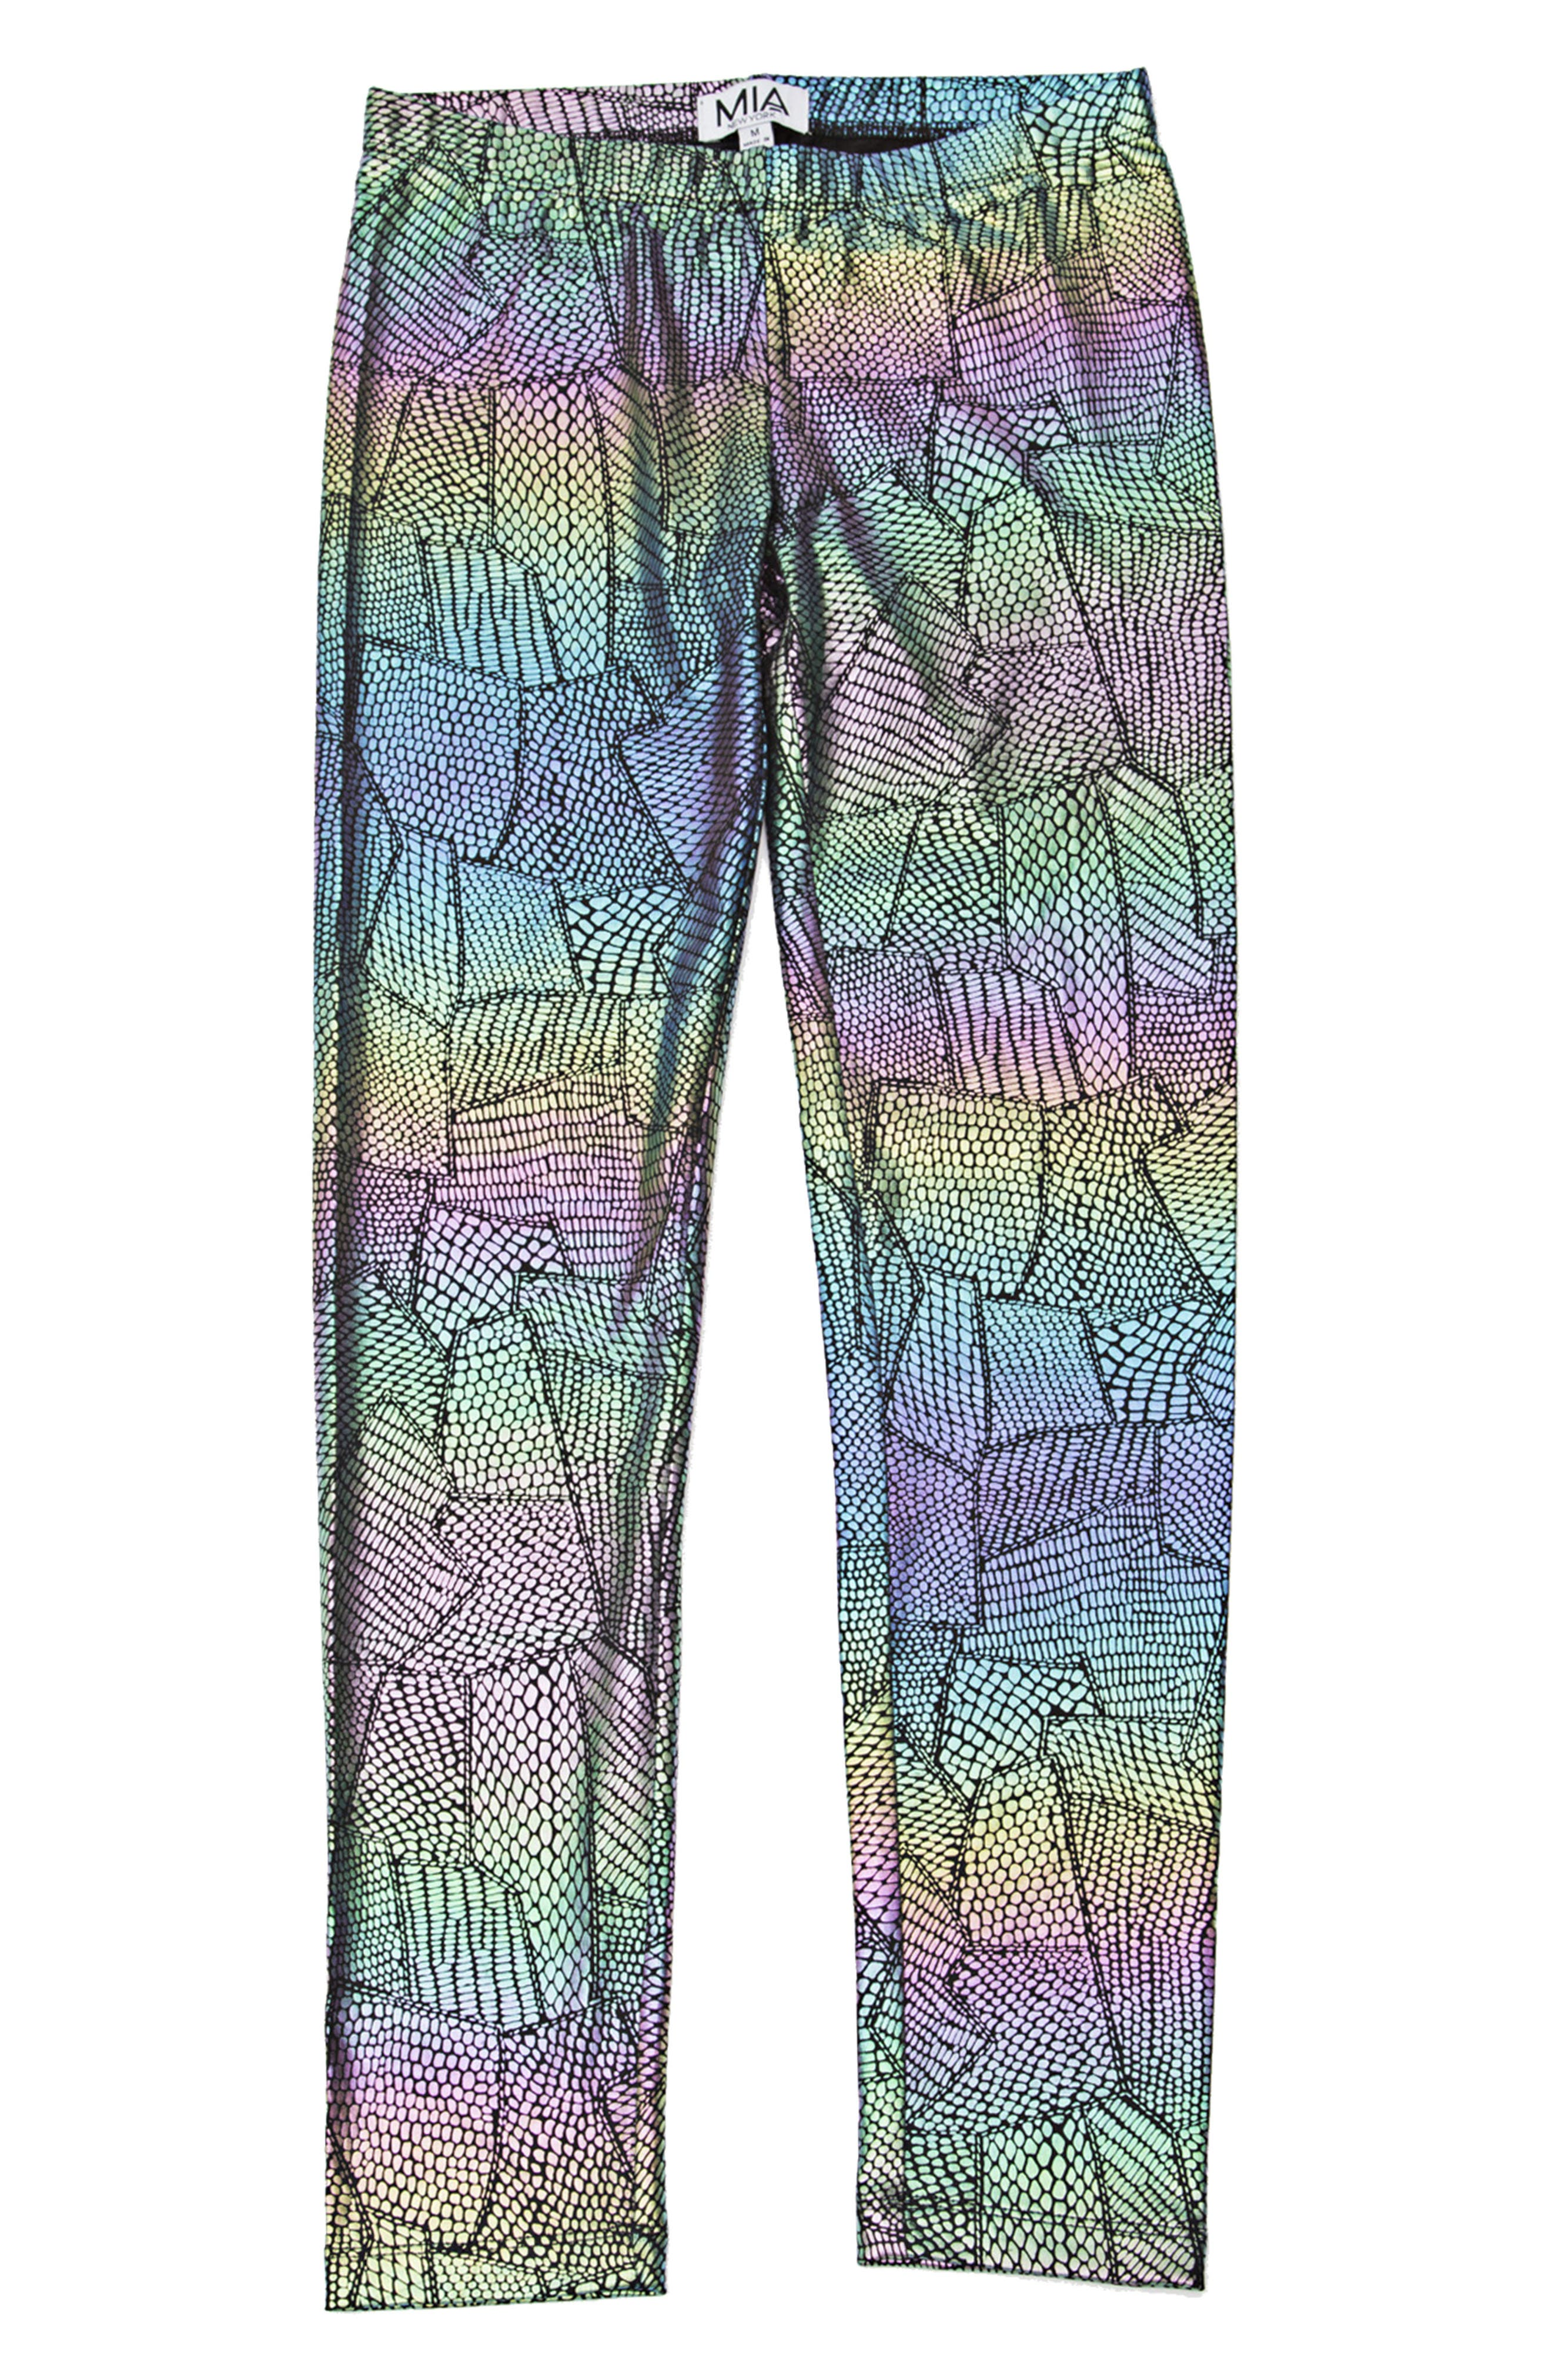 Alternate Image 1 Selected - Mia New York Crazy Print Leggings (Big Girls)